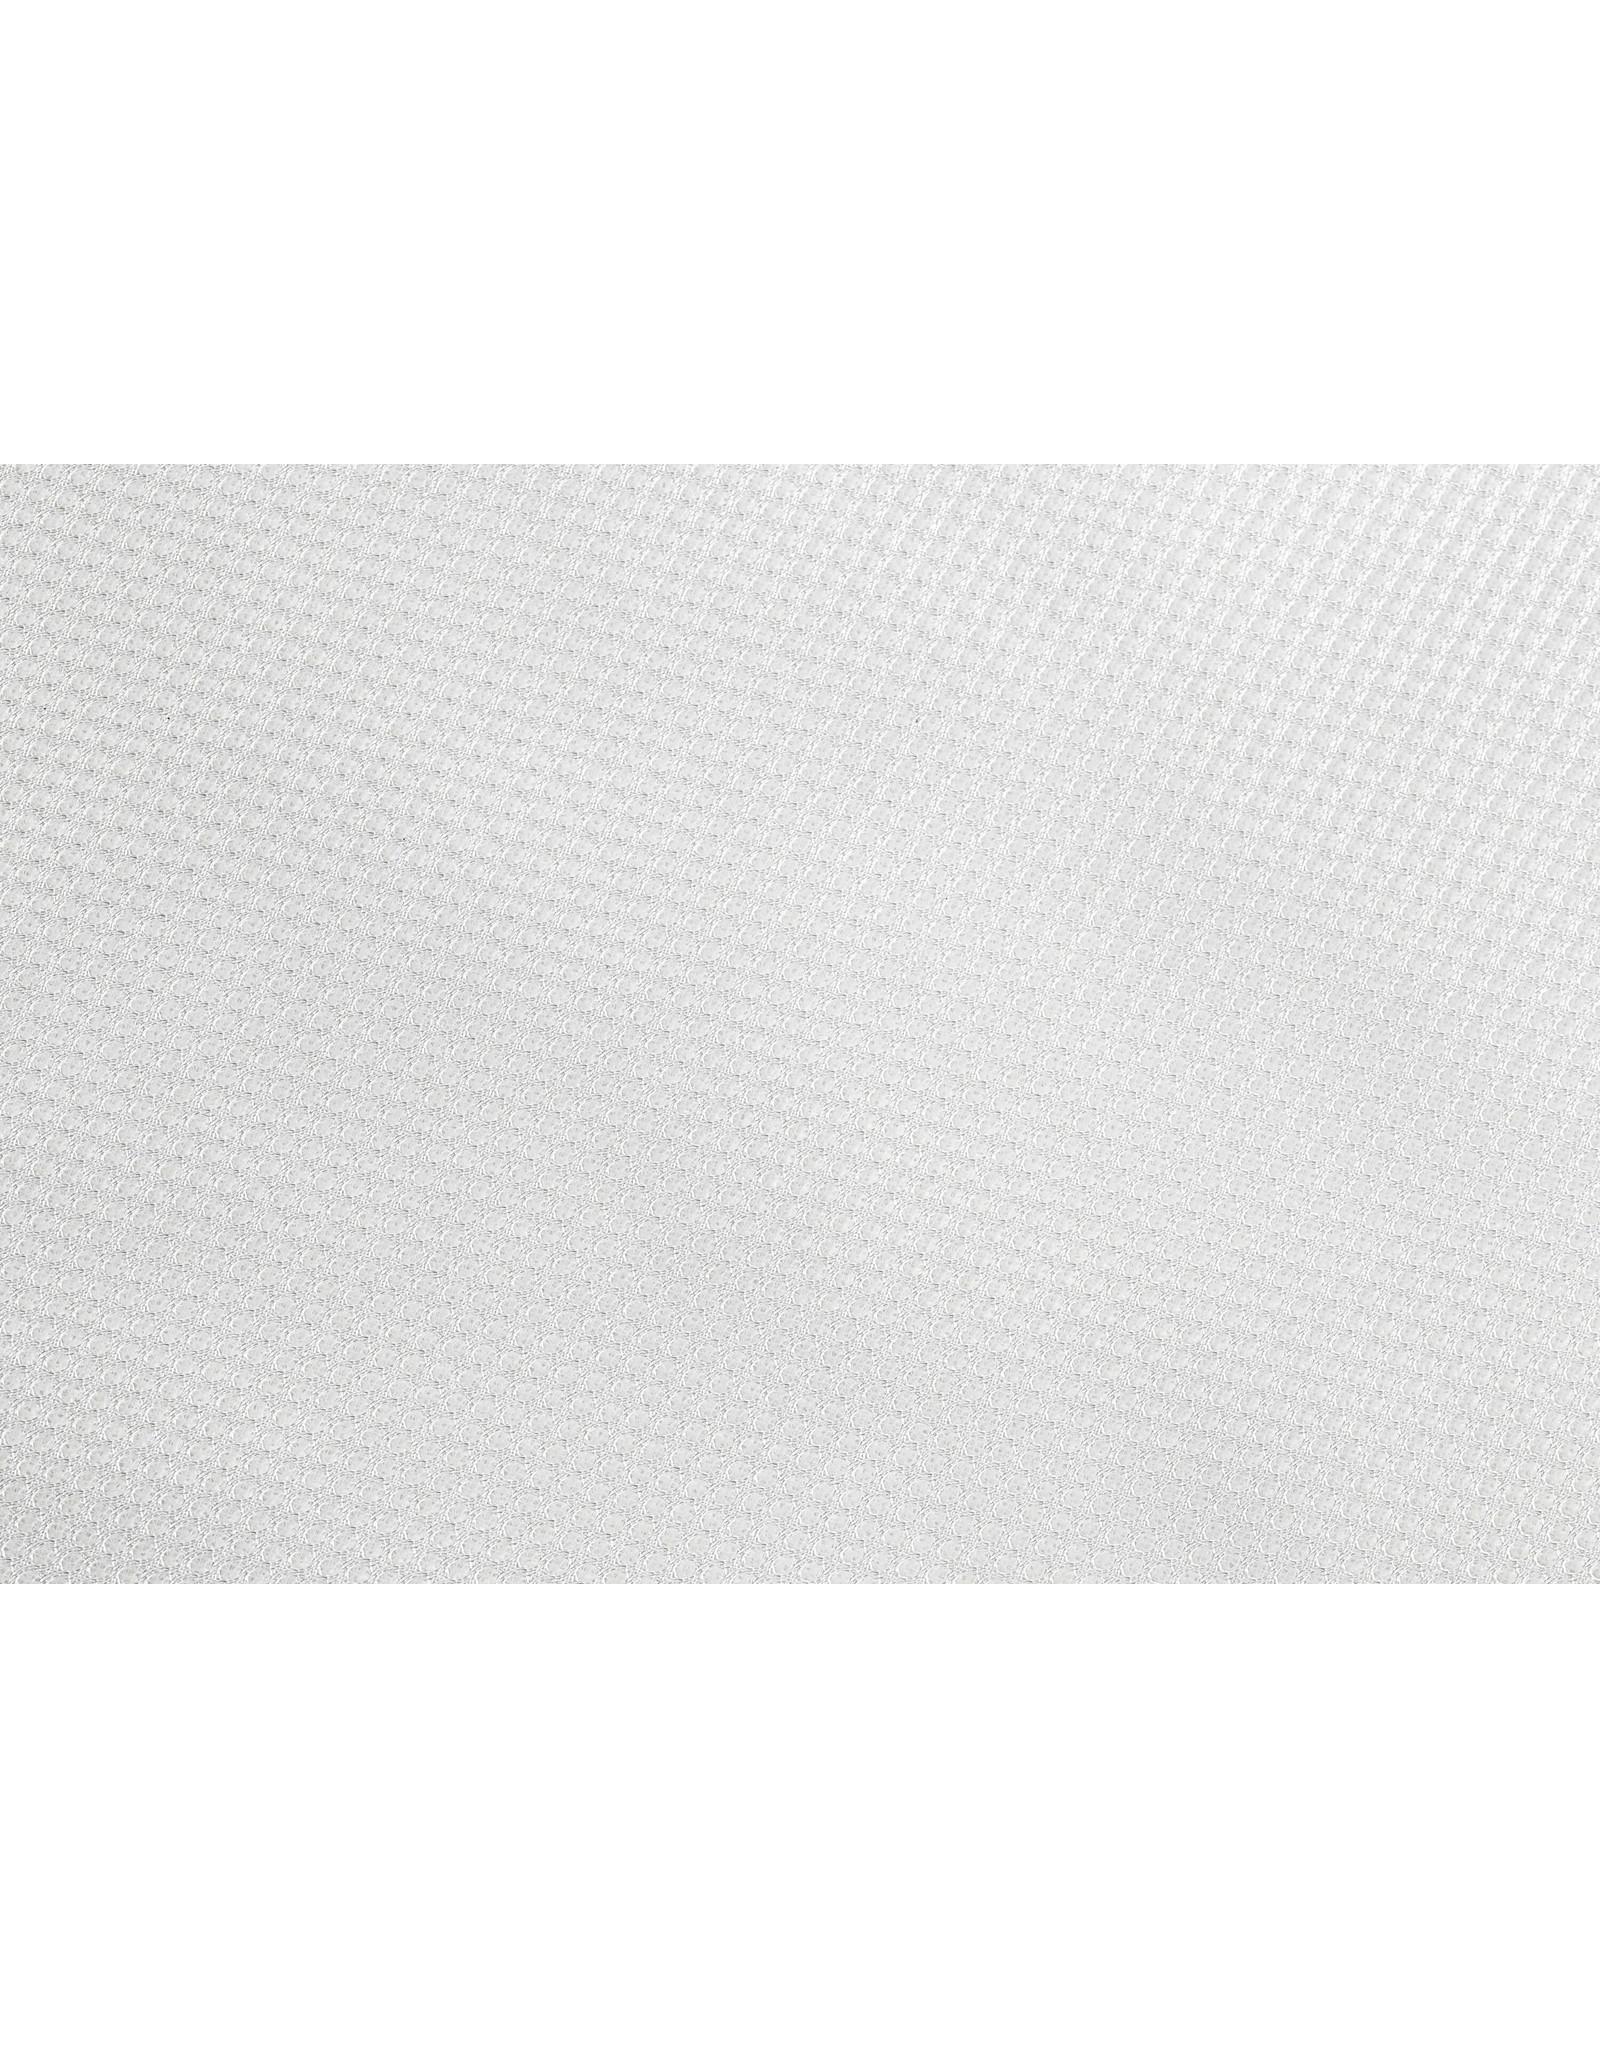 Boori Boori Babysafe Fibre & Pocket Spring Cot Bed Mattress 132cm x 70cm